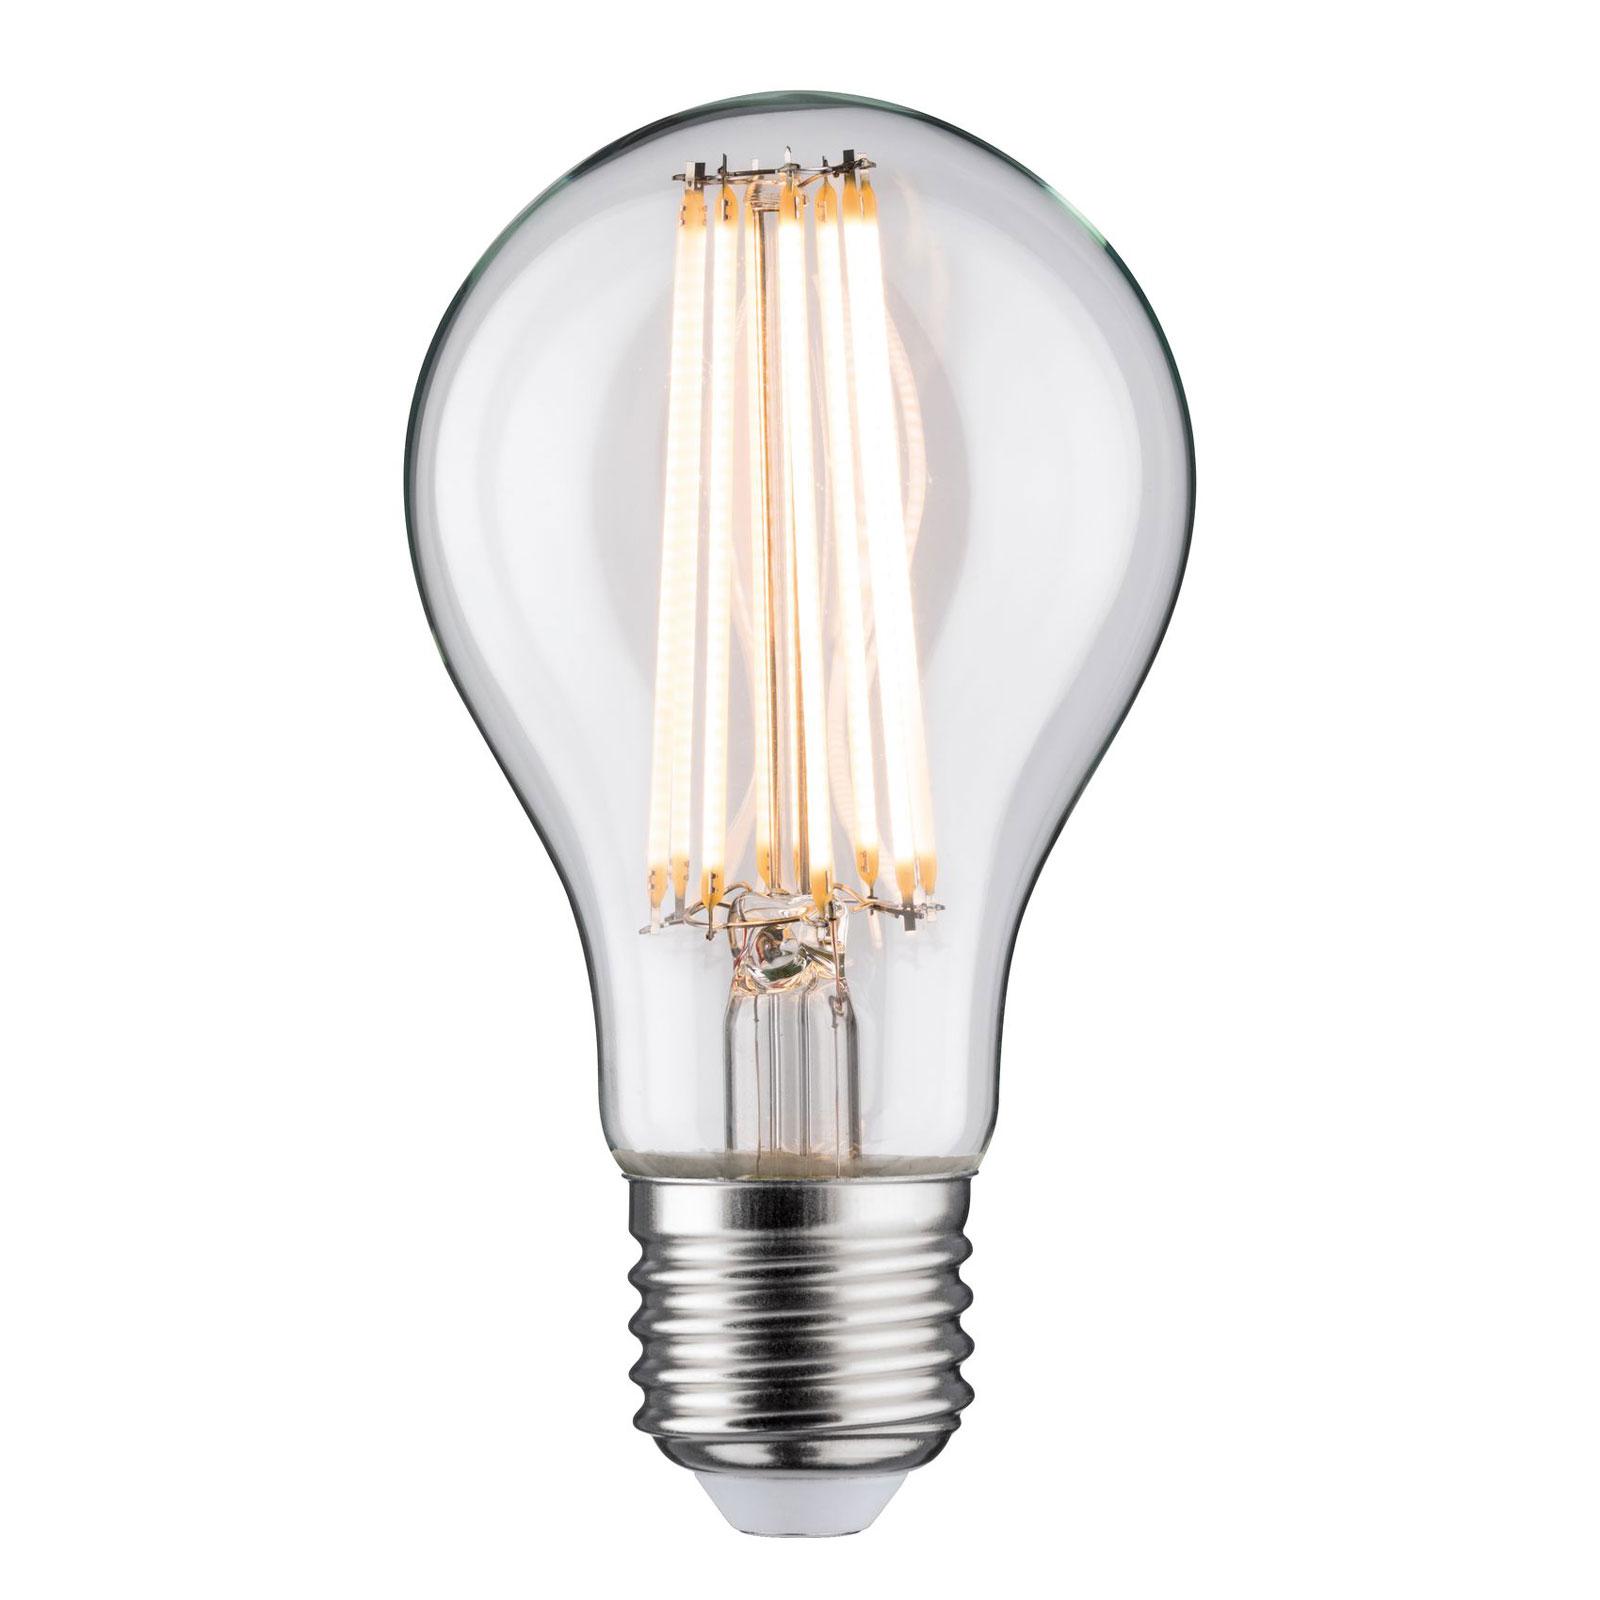 LED E27 11,5W filamenti 2.700 K, trasparente Illuminazione per interni